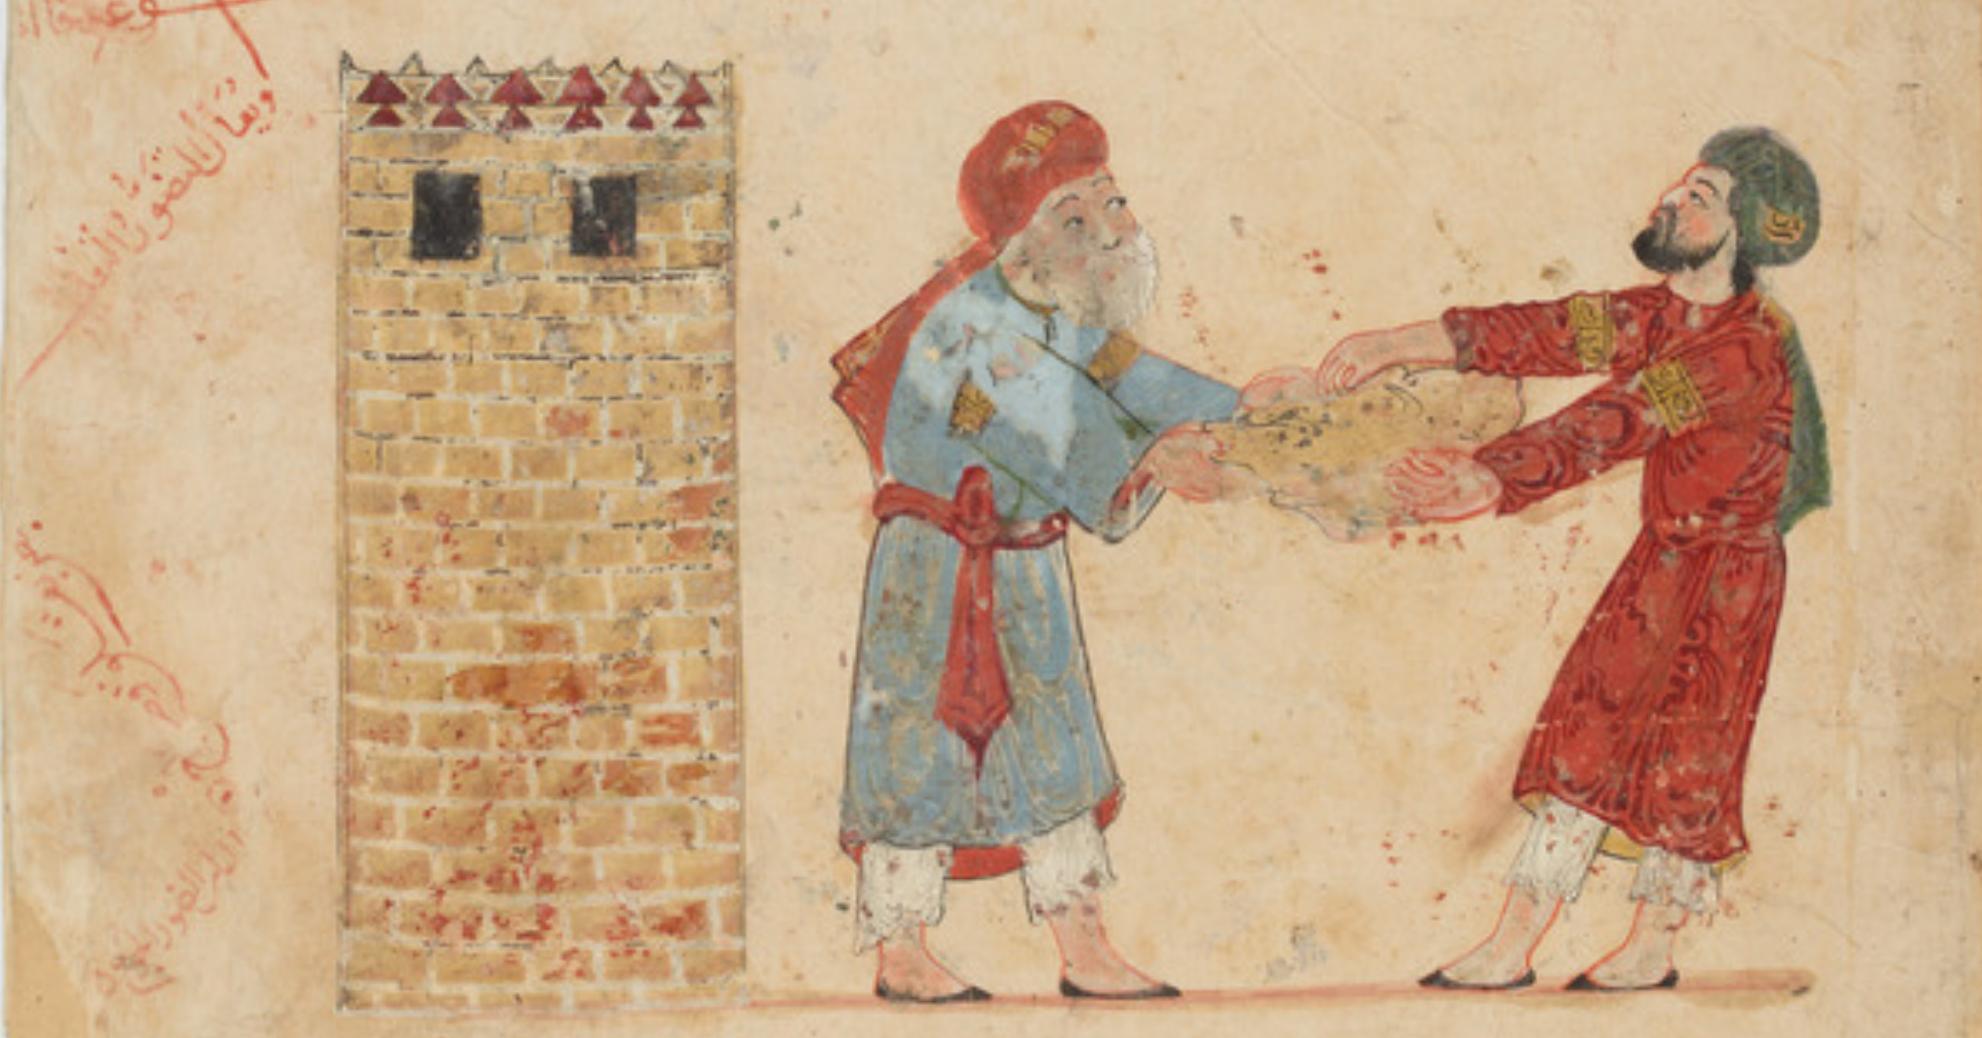 صورة من «مقامات الحريري» لبغداد في أواخر العصر العباسي (القرن الثامن ميلاديًّا).